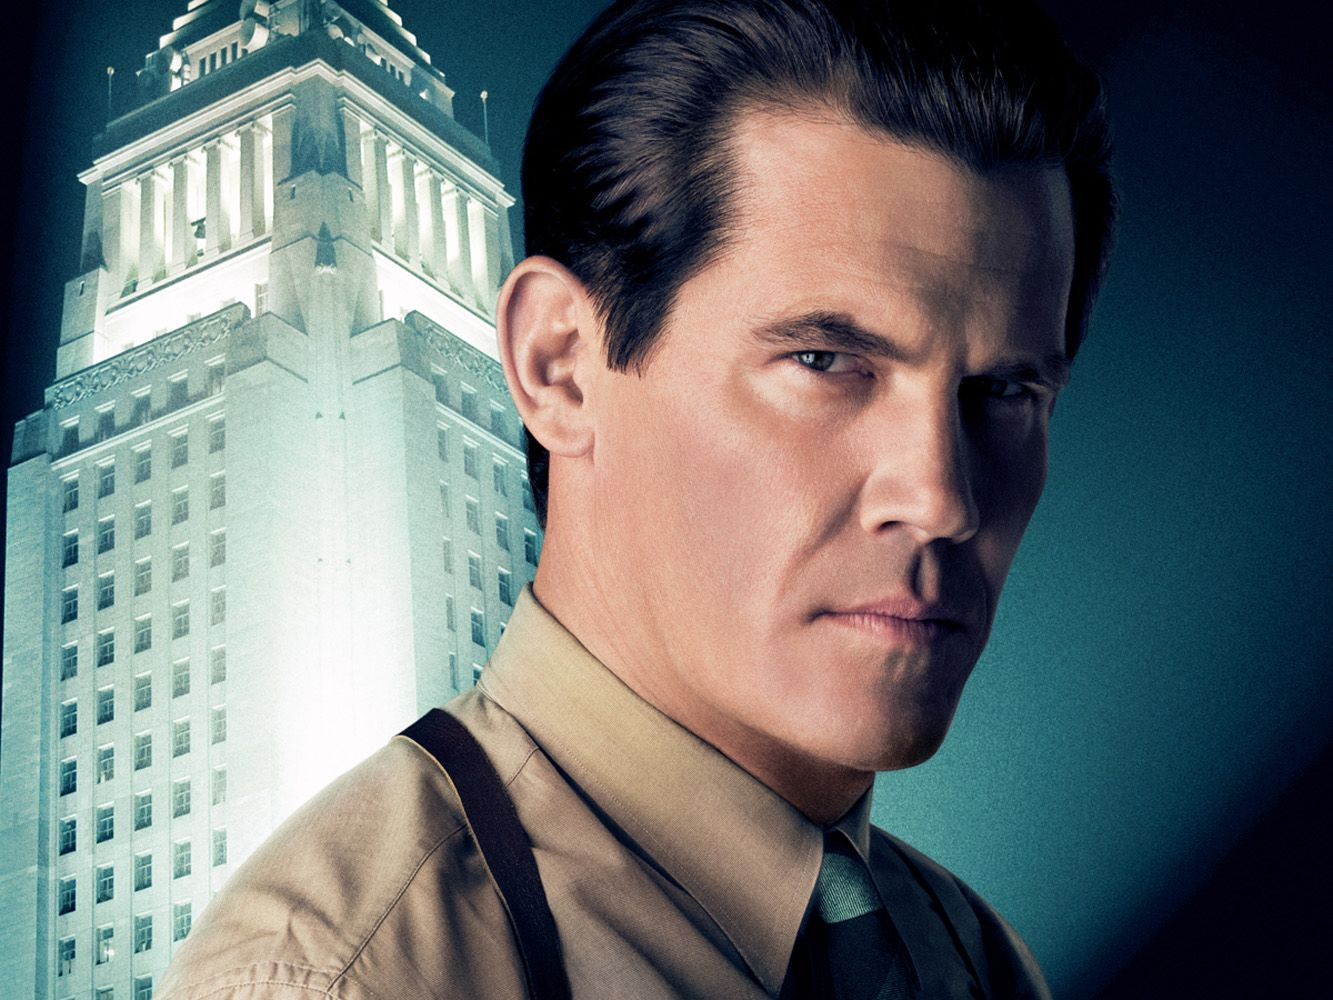 Josh Brolin como el sargento John O'Mara intentará detener a Mickey Cohen, un peligroso mafioso interpretado por Sean Penn, quien tiene a la ciudad de Los Ángeles bajo su control.